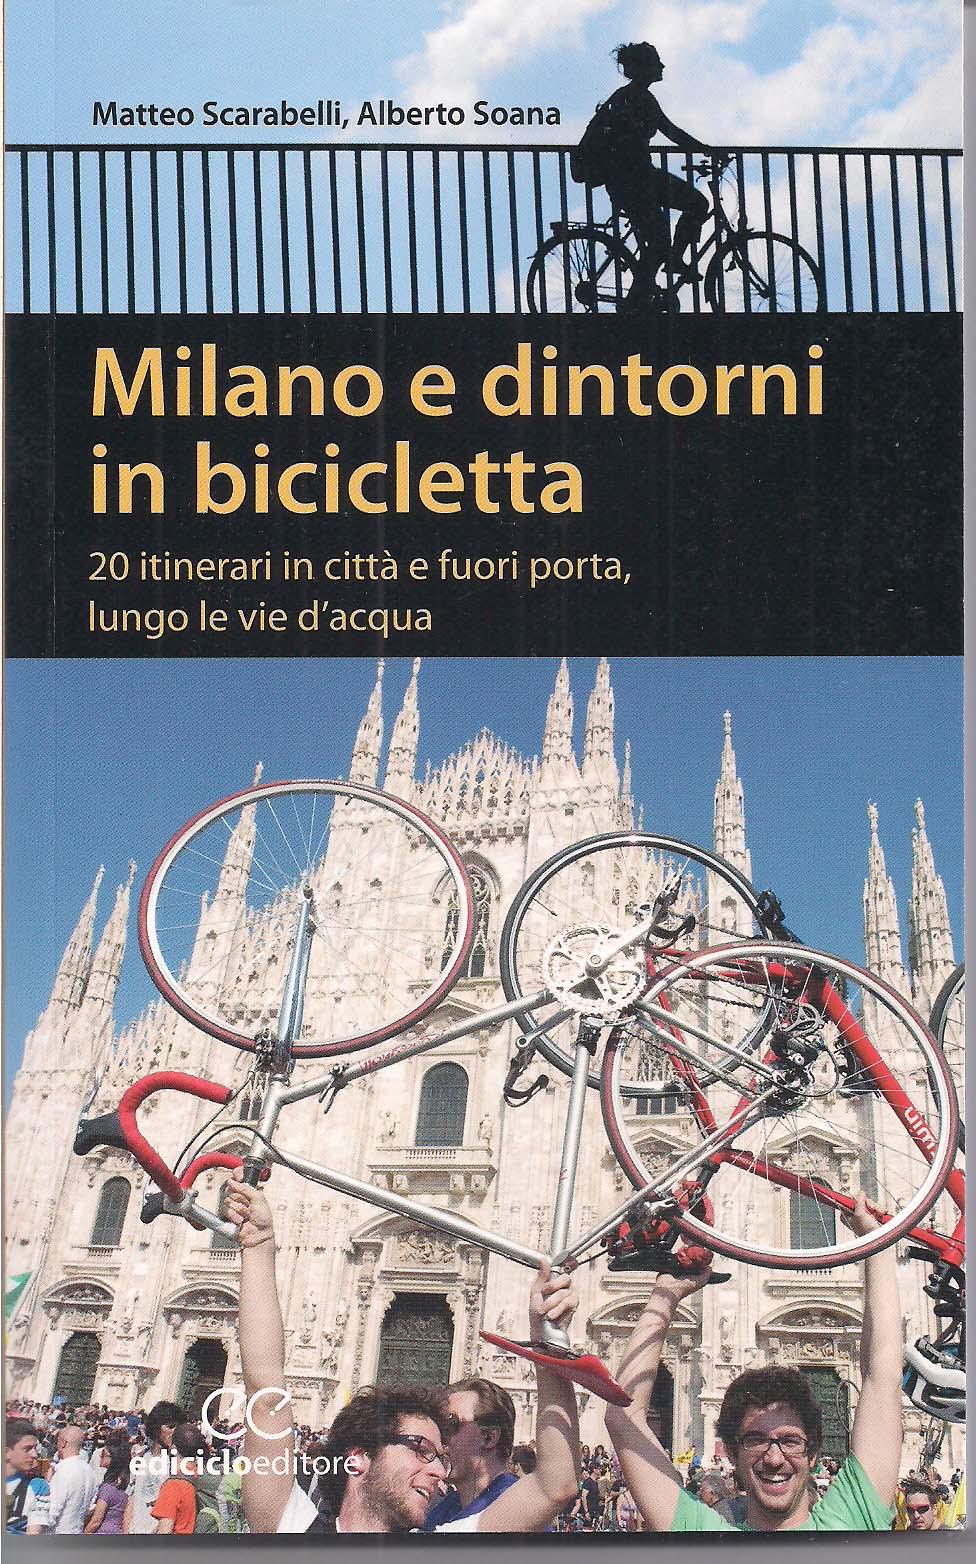 milano-e-dintorni-in-bicicletta